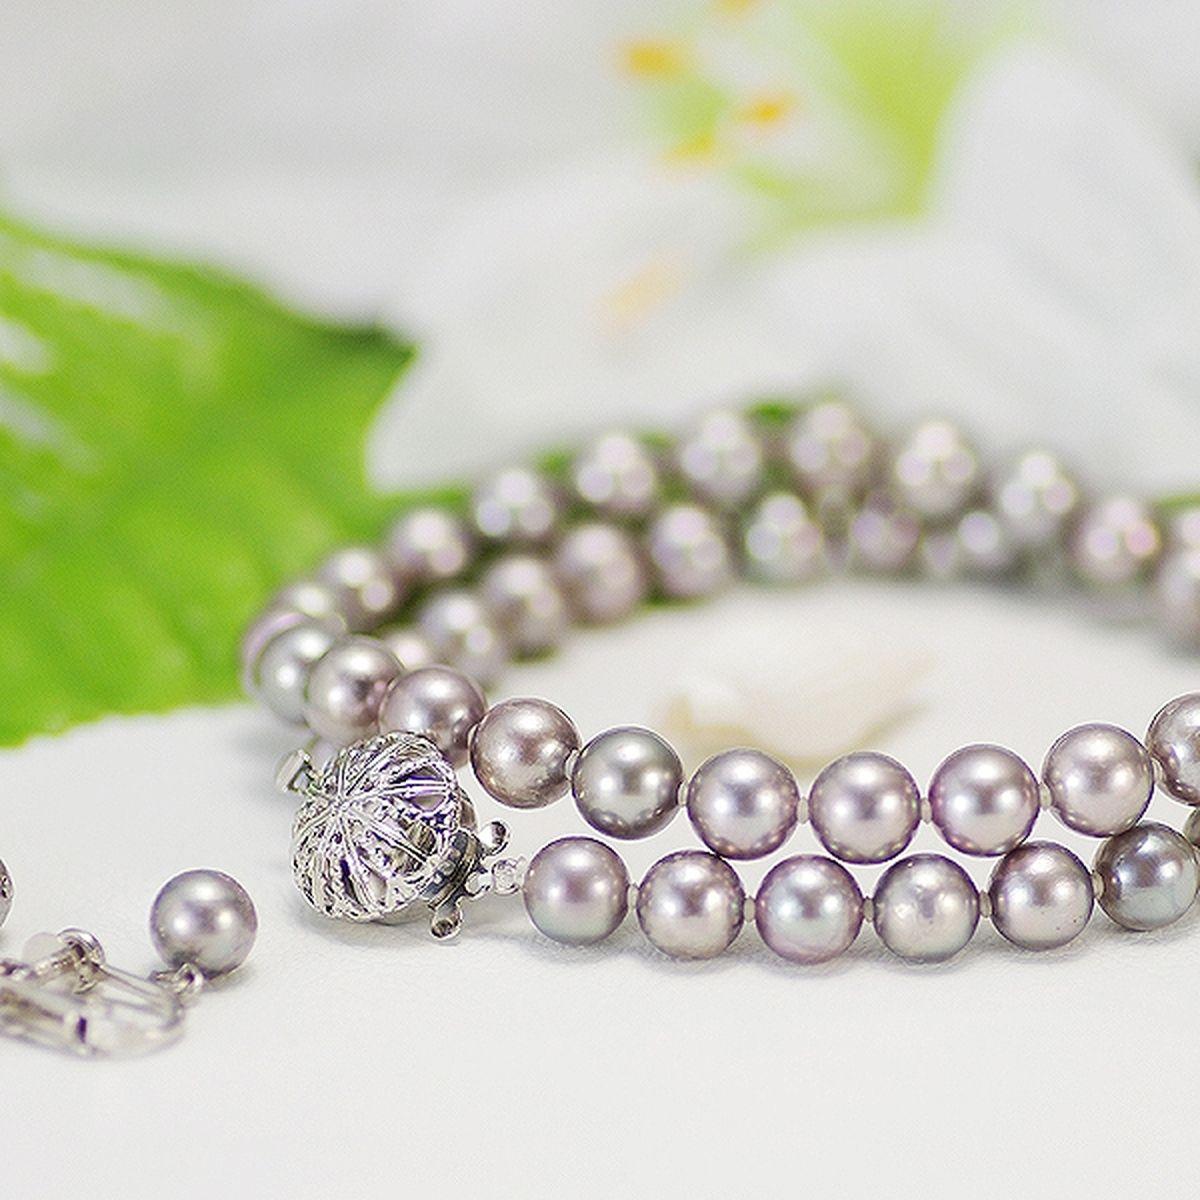 アコヤ真珠フォーマルセット 約7.0-7.5mmの写真